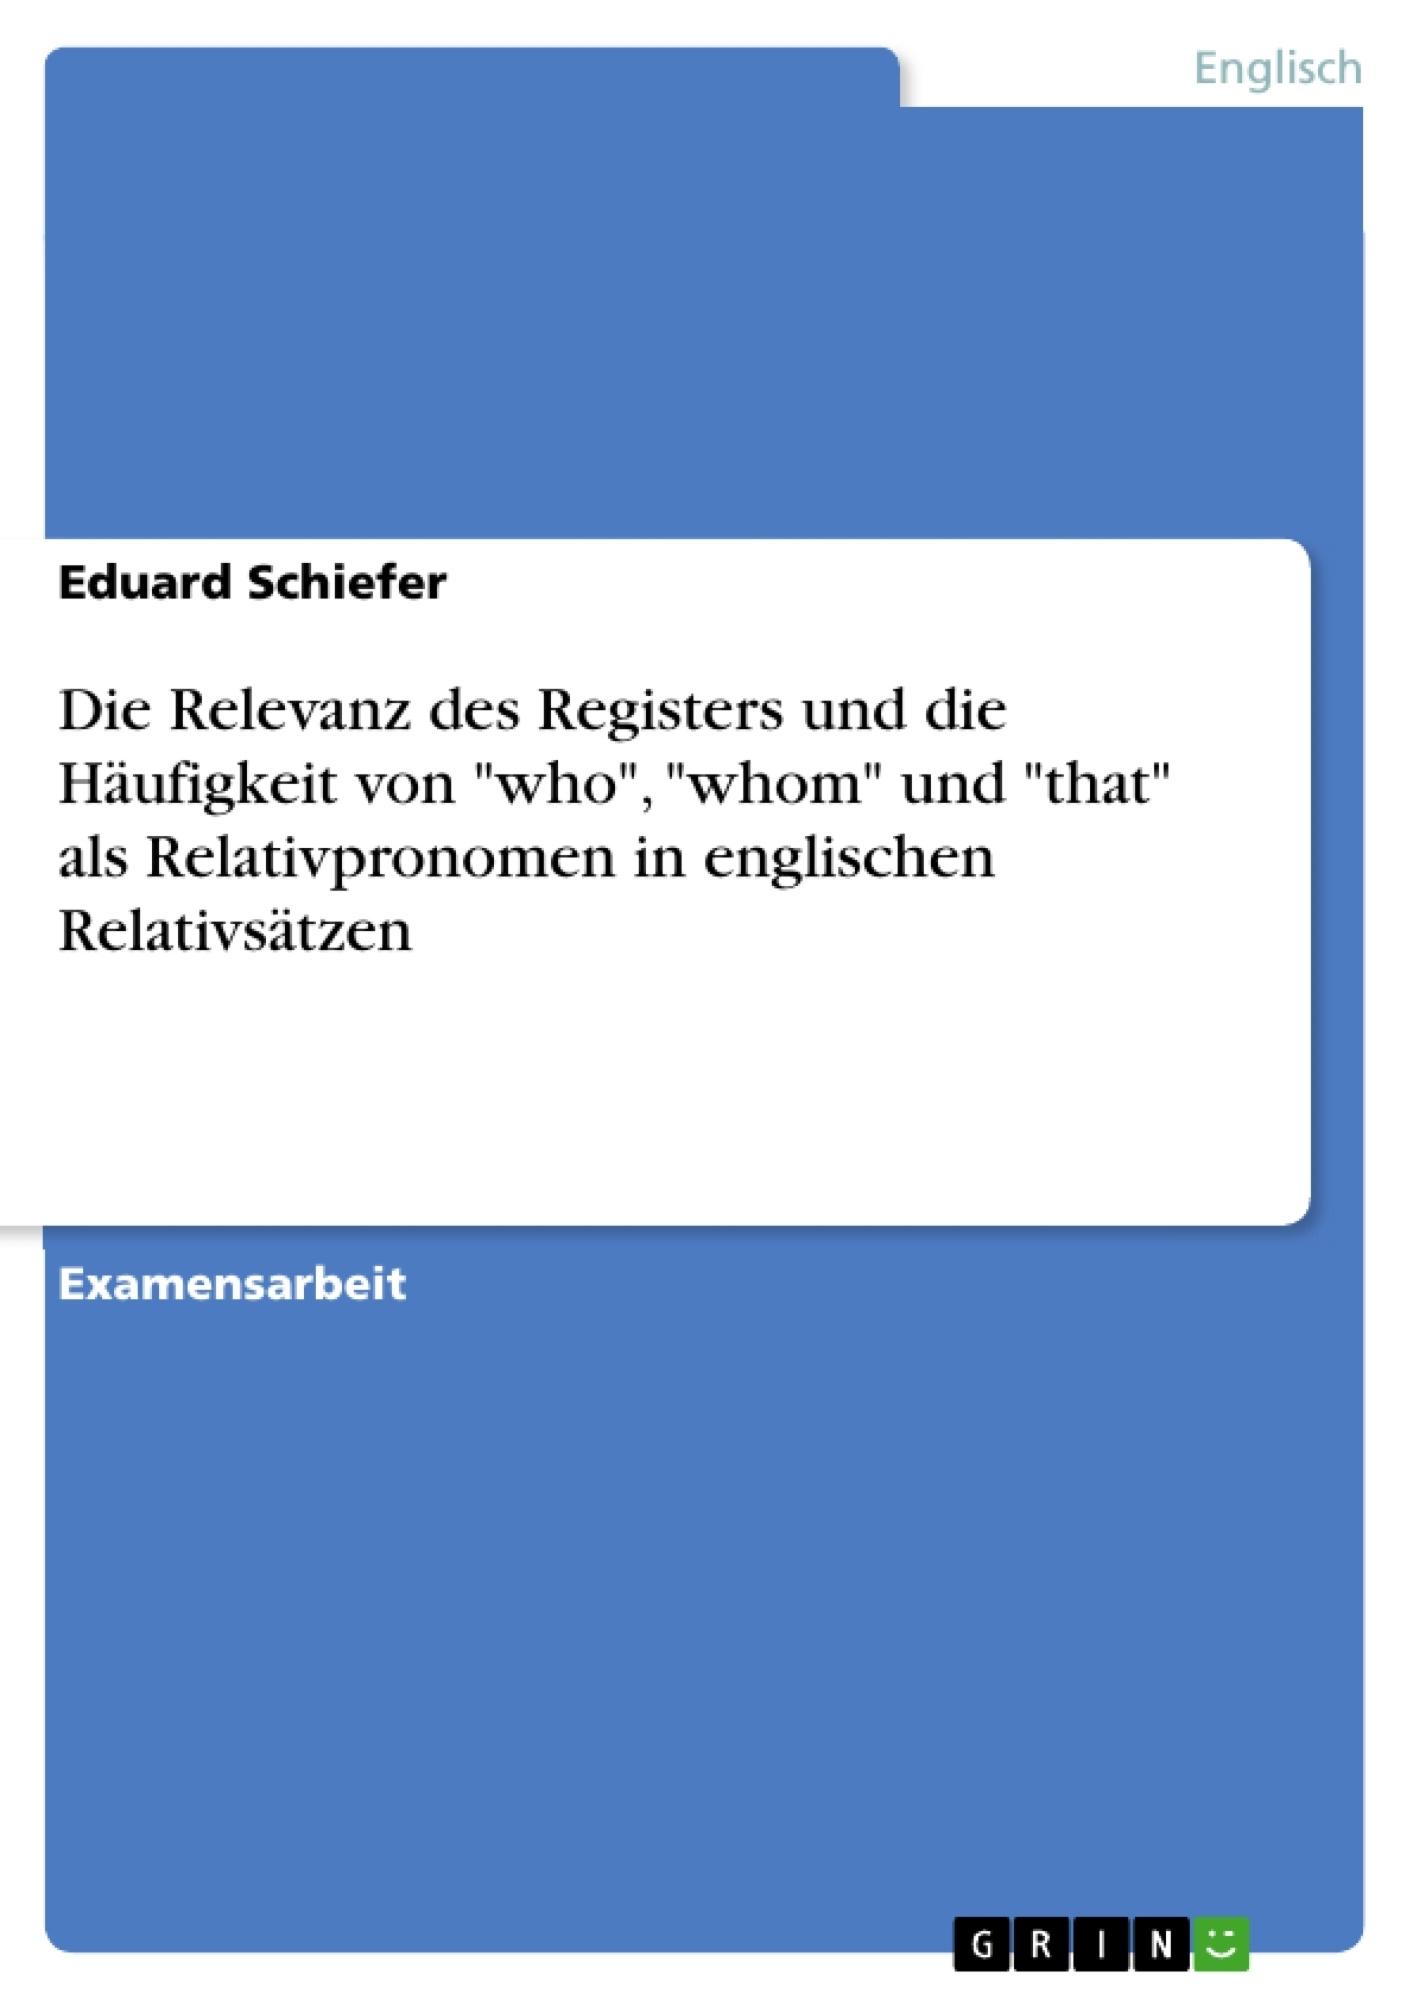 """Titel: Die Relevanz des Registers und die Häufigkeit von """"who"""", """"whom"""" und """"that"""" als Relativpronomen in englischen Relativsätzen"""